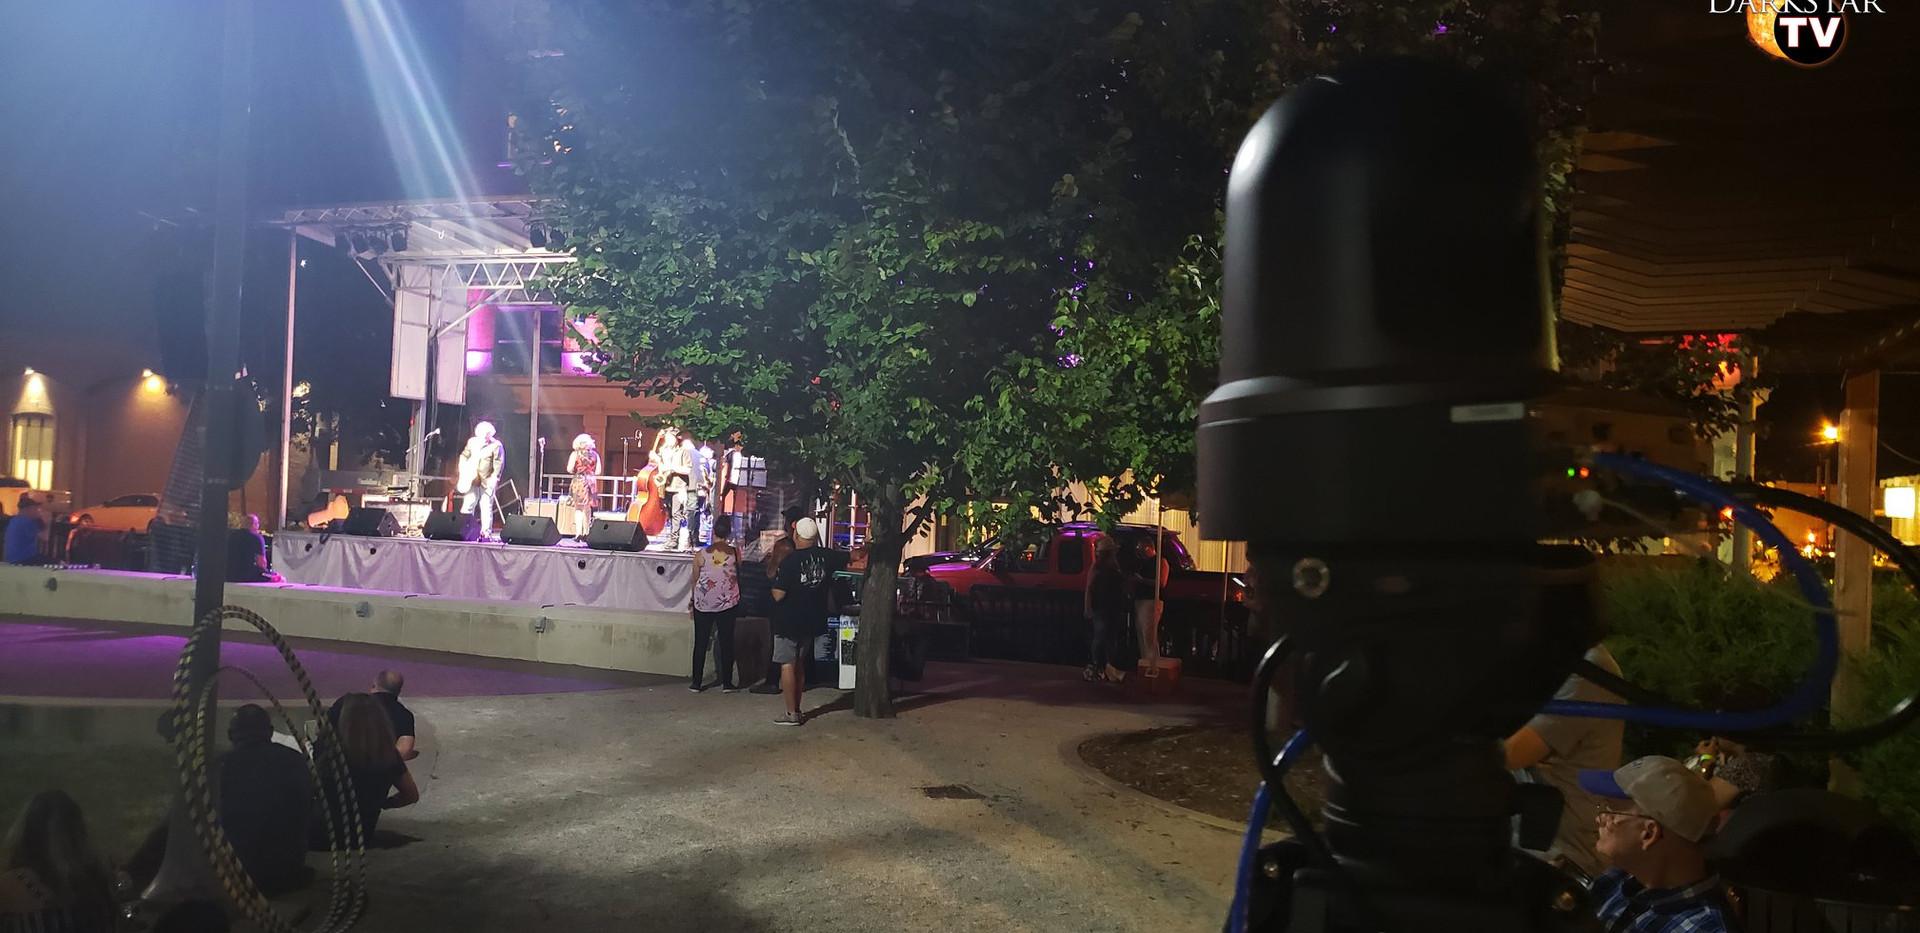 A Darkstar camera looks on at New Albany